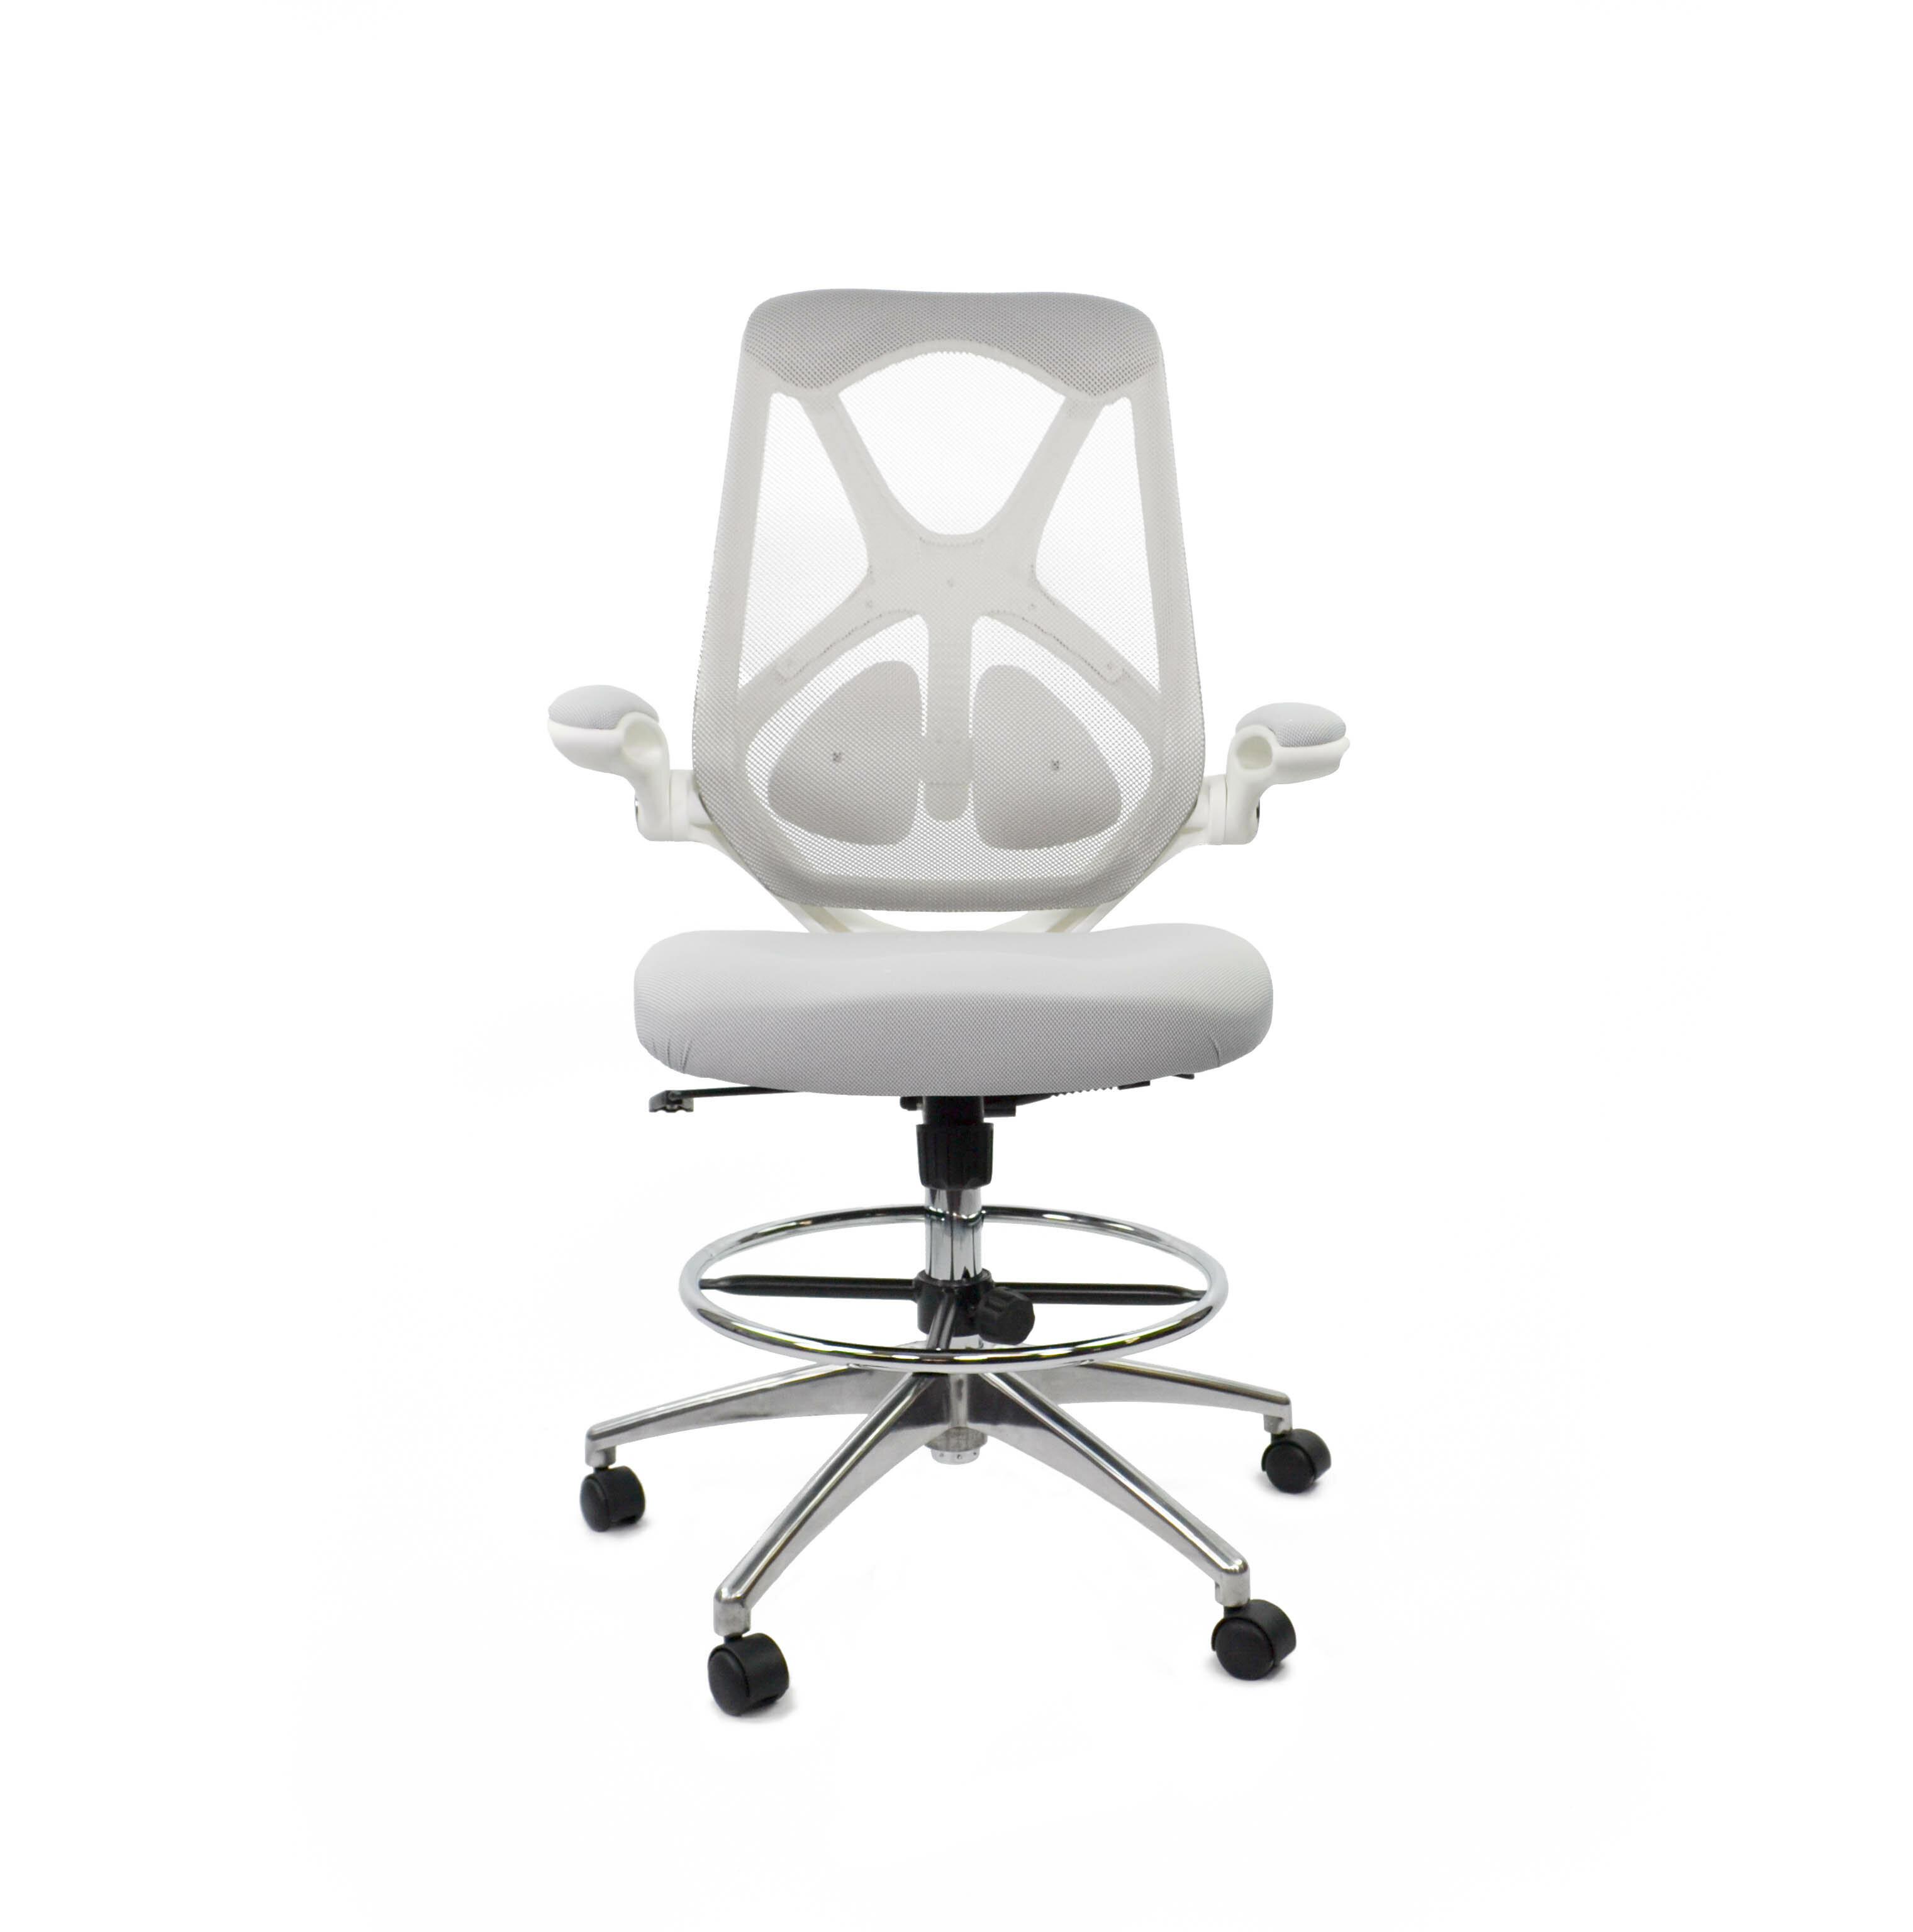 fräsch high back mesh drafting chair reviews wayfair